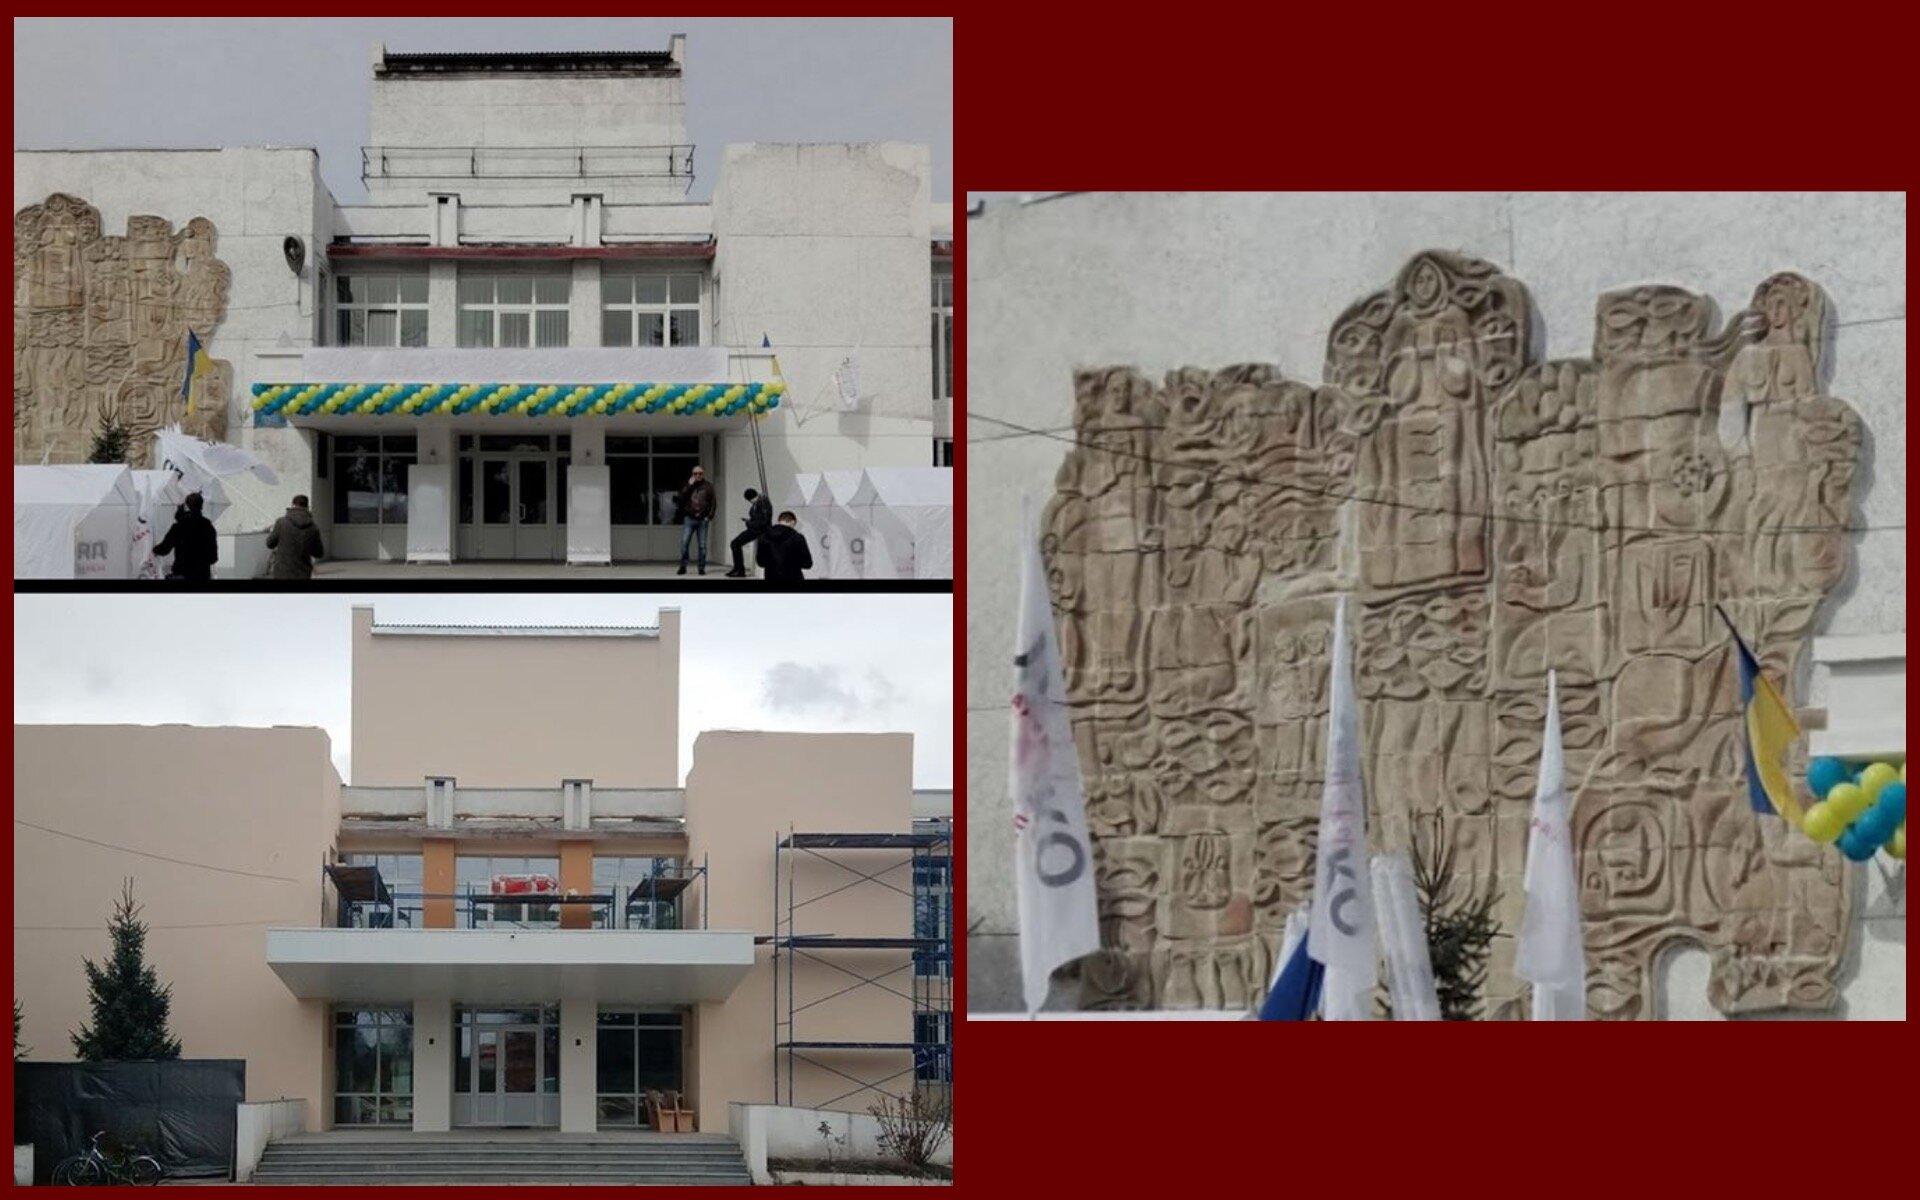 Під Києвом зруйнували барельєф радянського періоду